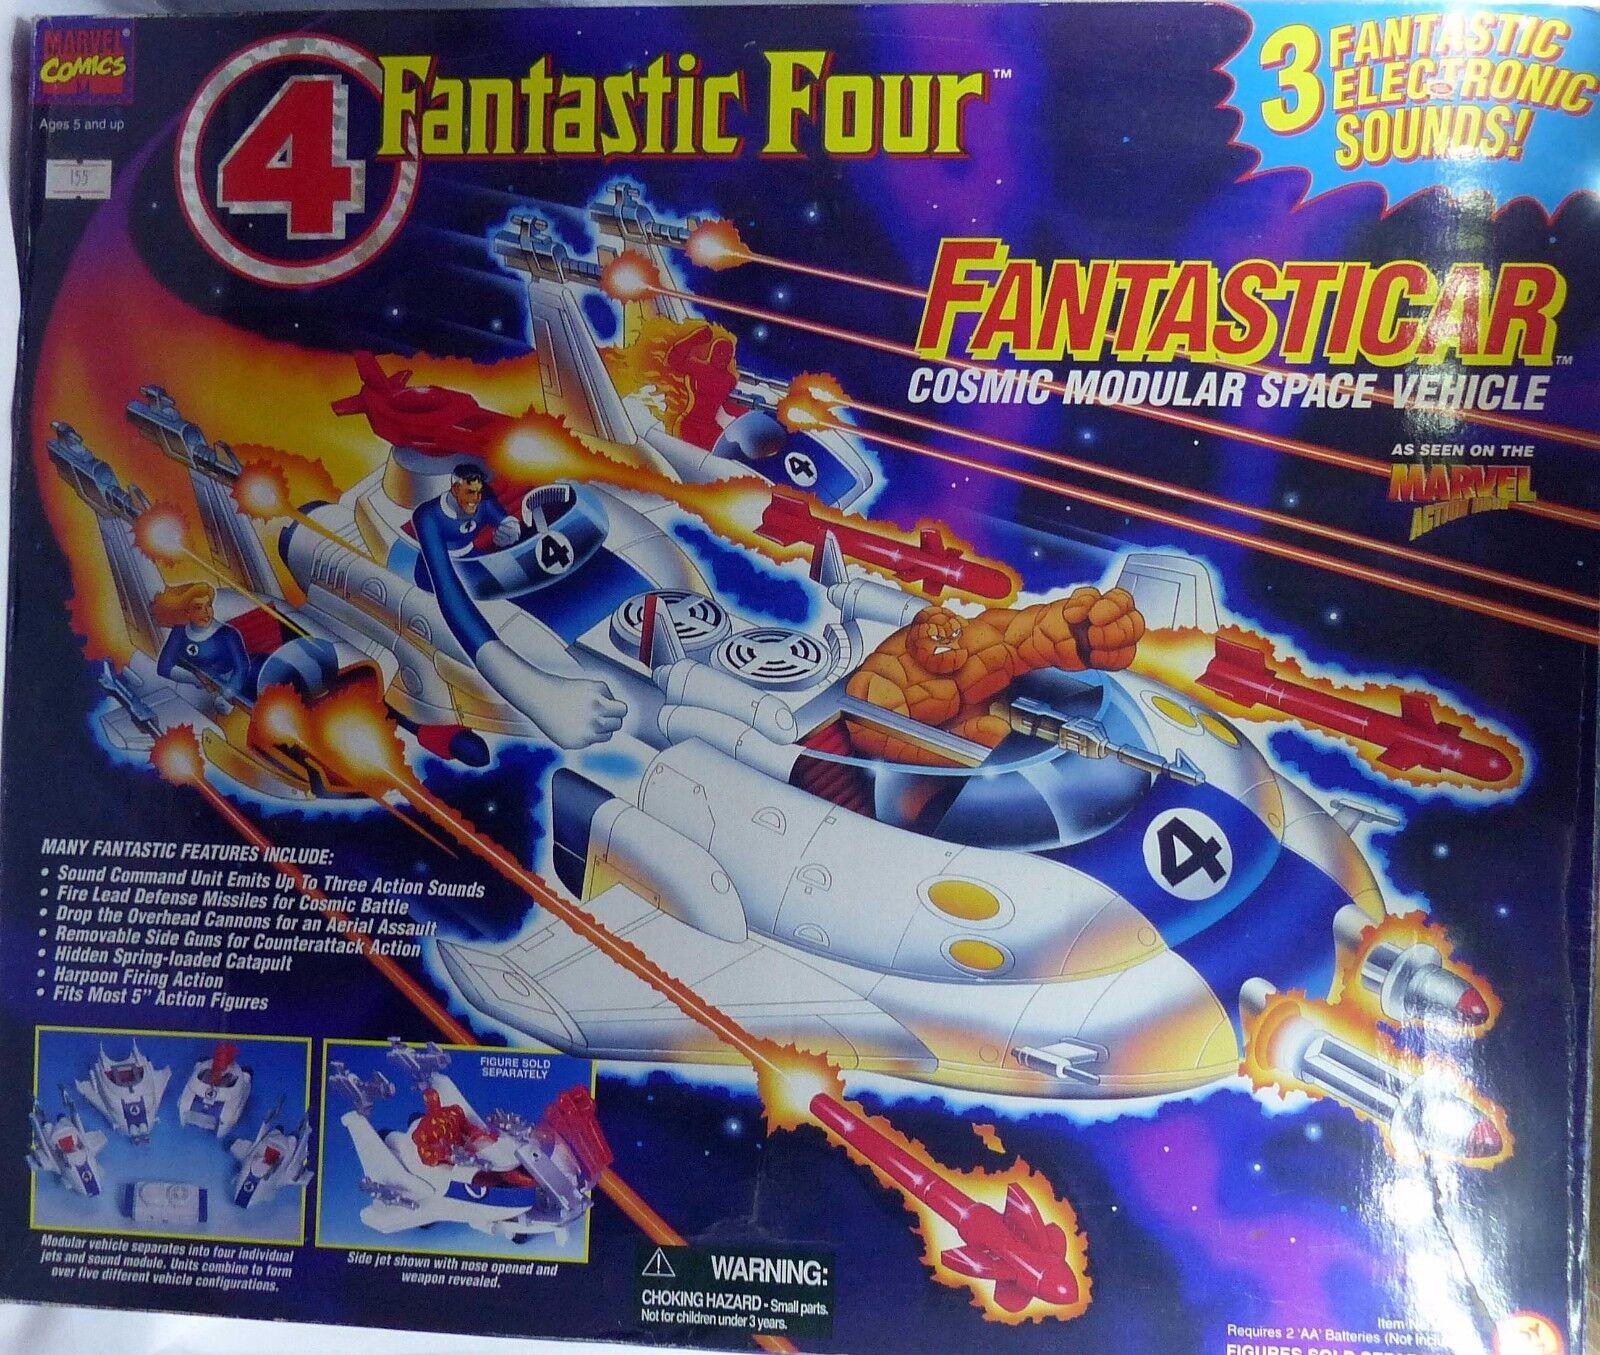 FANTASTIauto FANTASTICI  4 NUOVA VINTAGE 1995 BY giocattolo BIZ MARVEL IMPORT FROM USA  design semplice e generoso